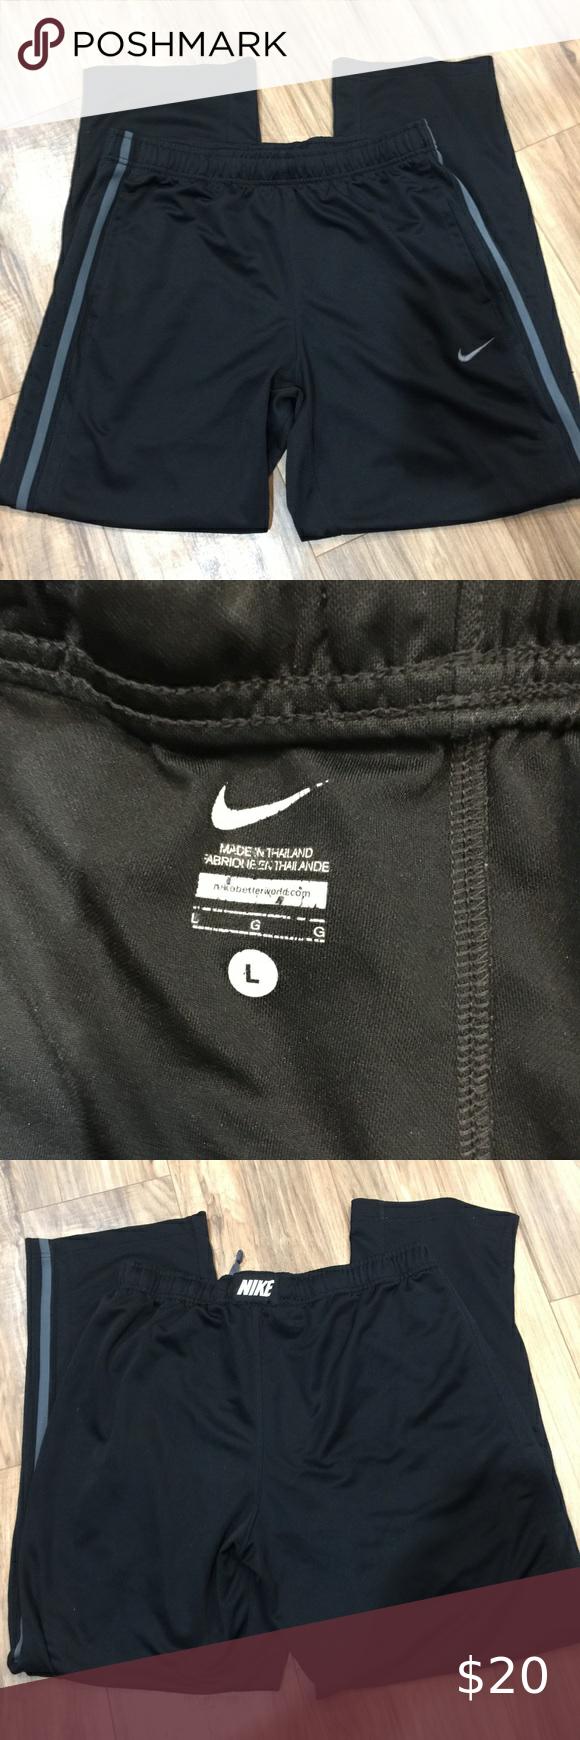 NIKE MENS ATHLETE PANTS in 2020 Vintage pants, Nike tech